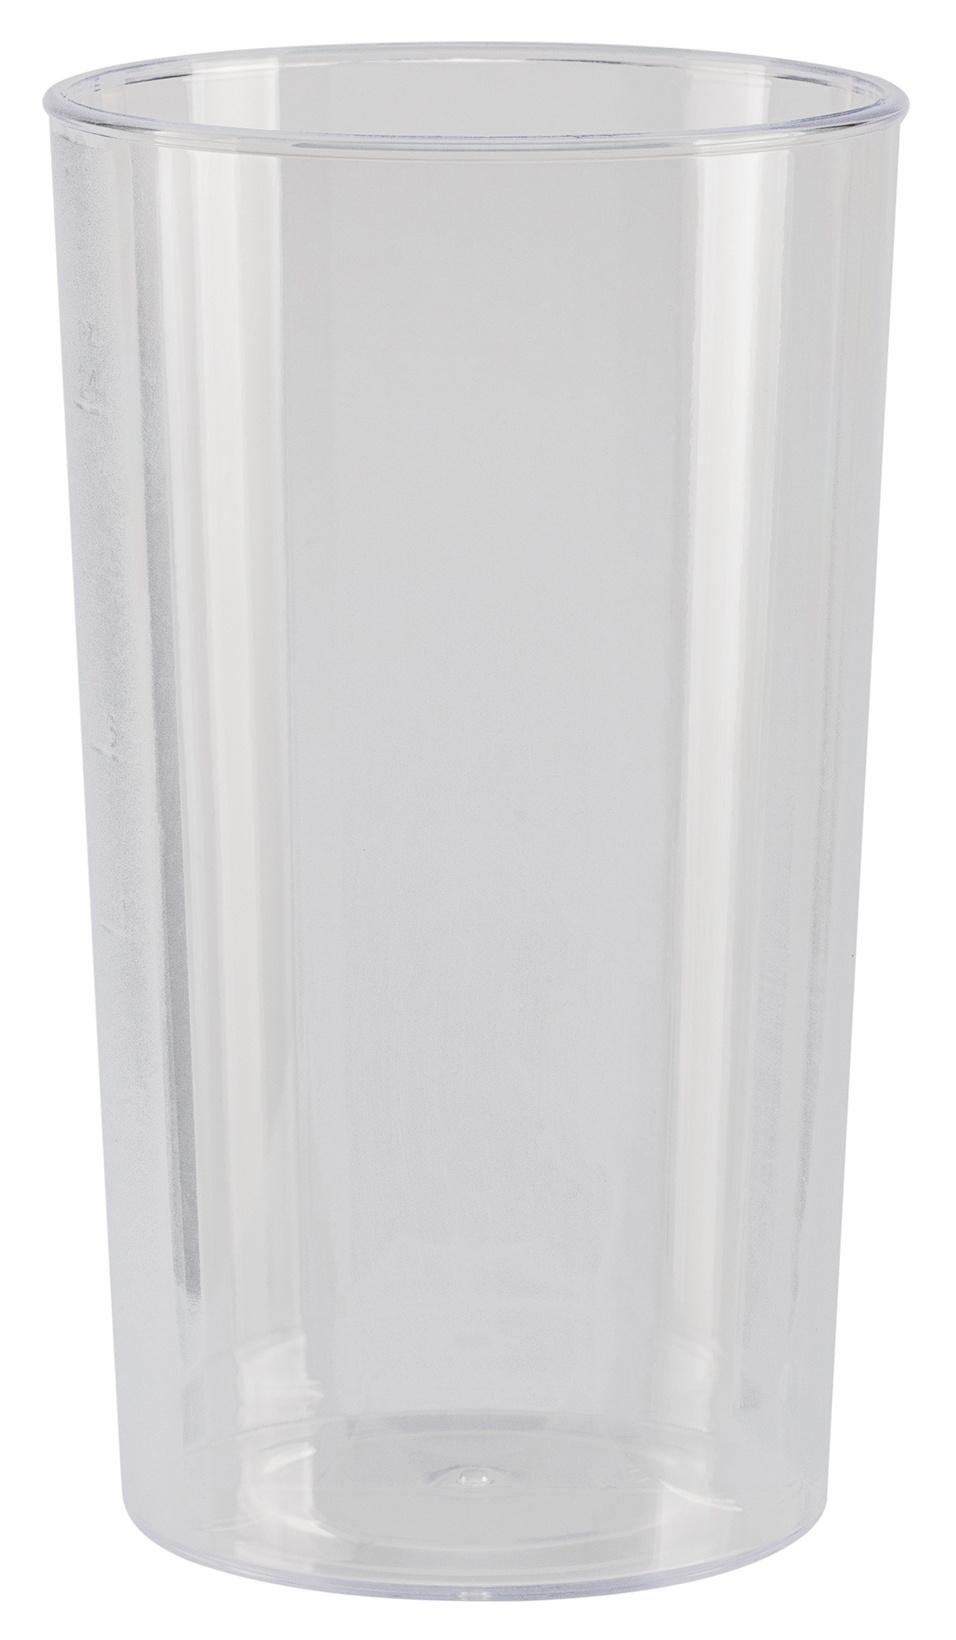 Блендер погружной Hyundai HYB-H3824 800Вт серебристый/черный